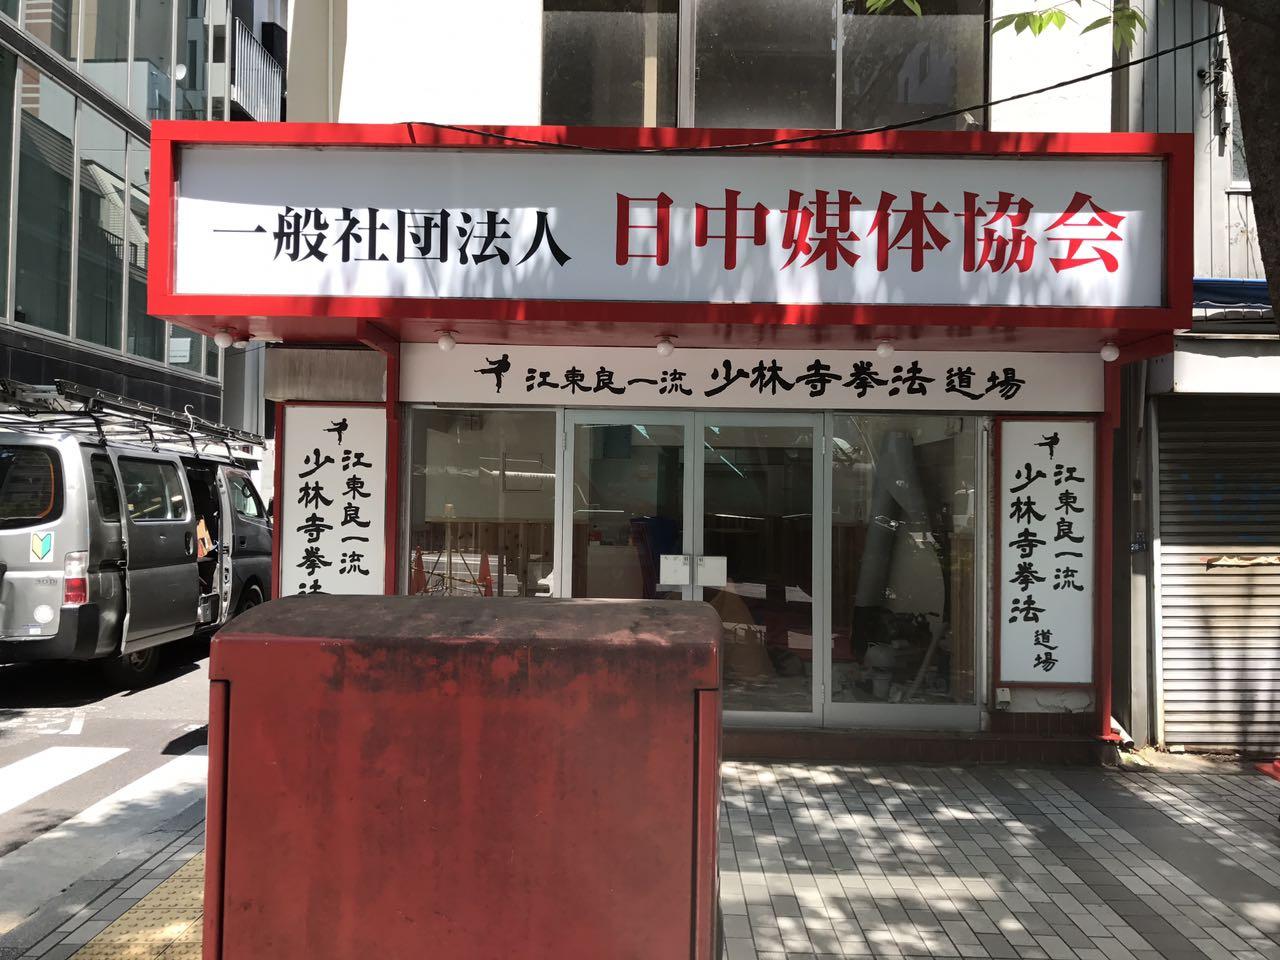 日中媒体协会 (3)